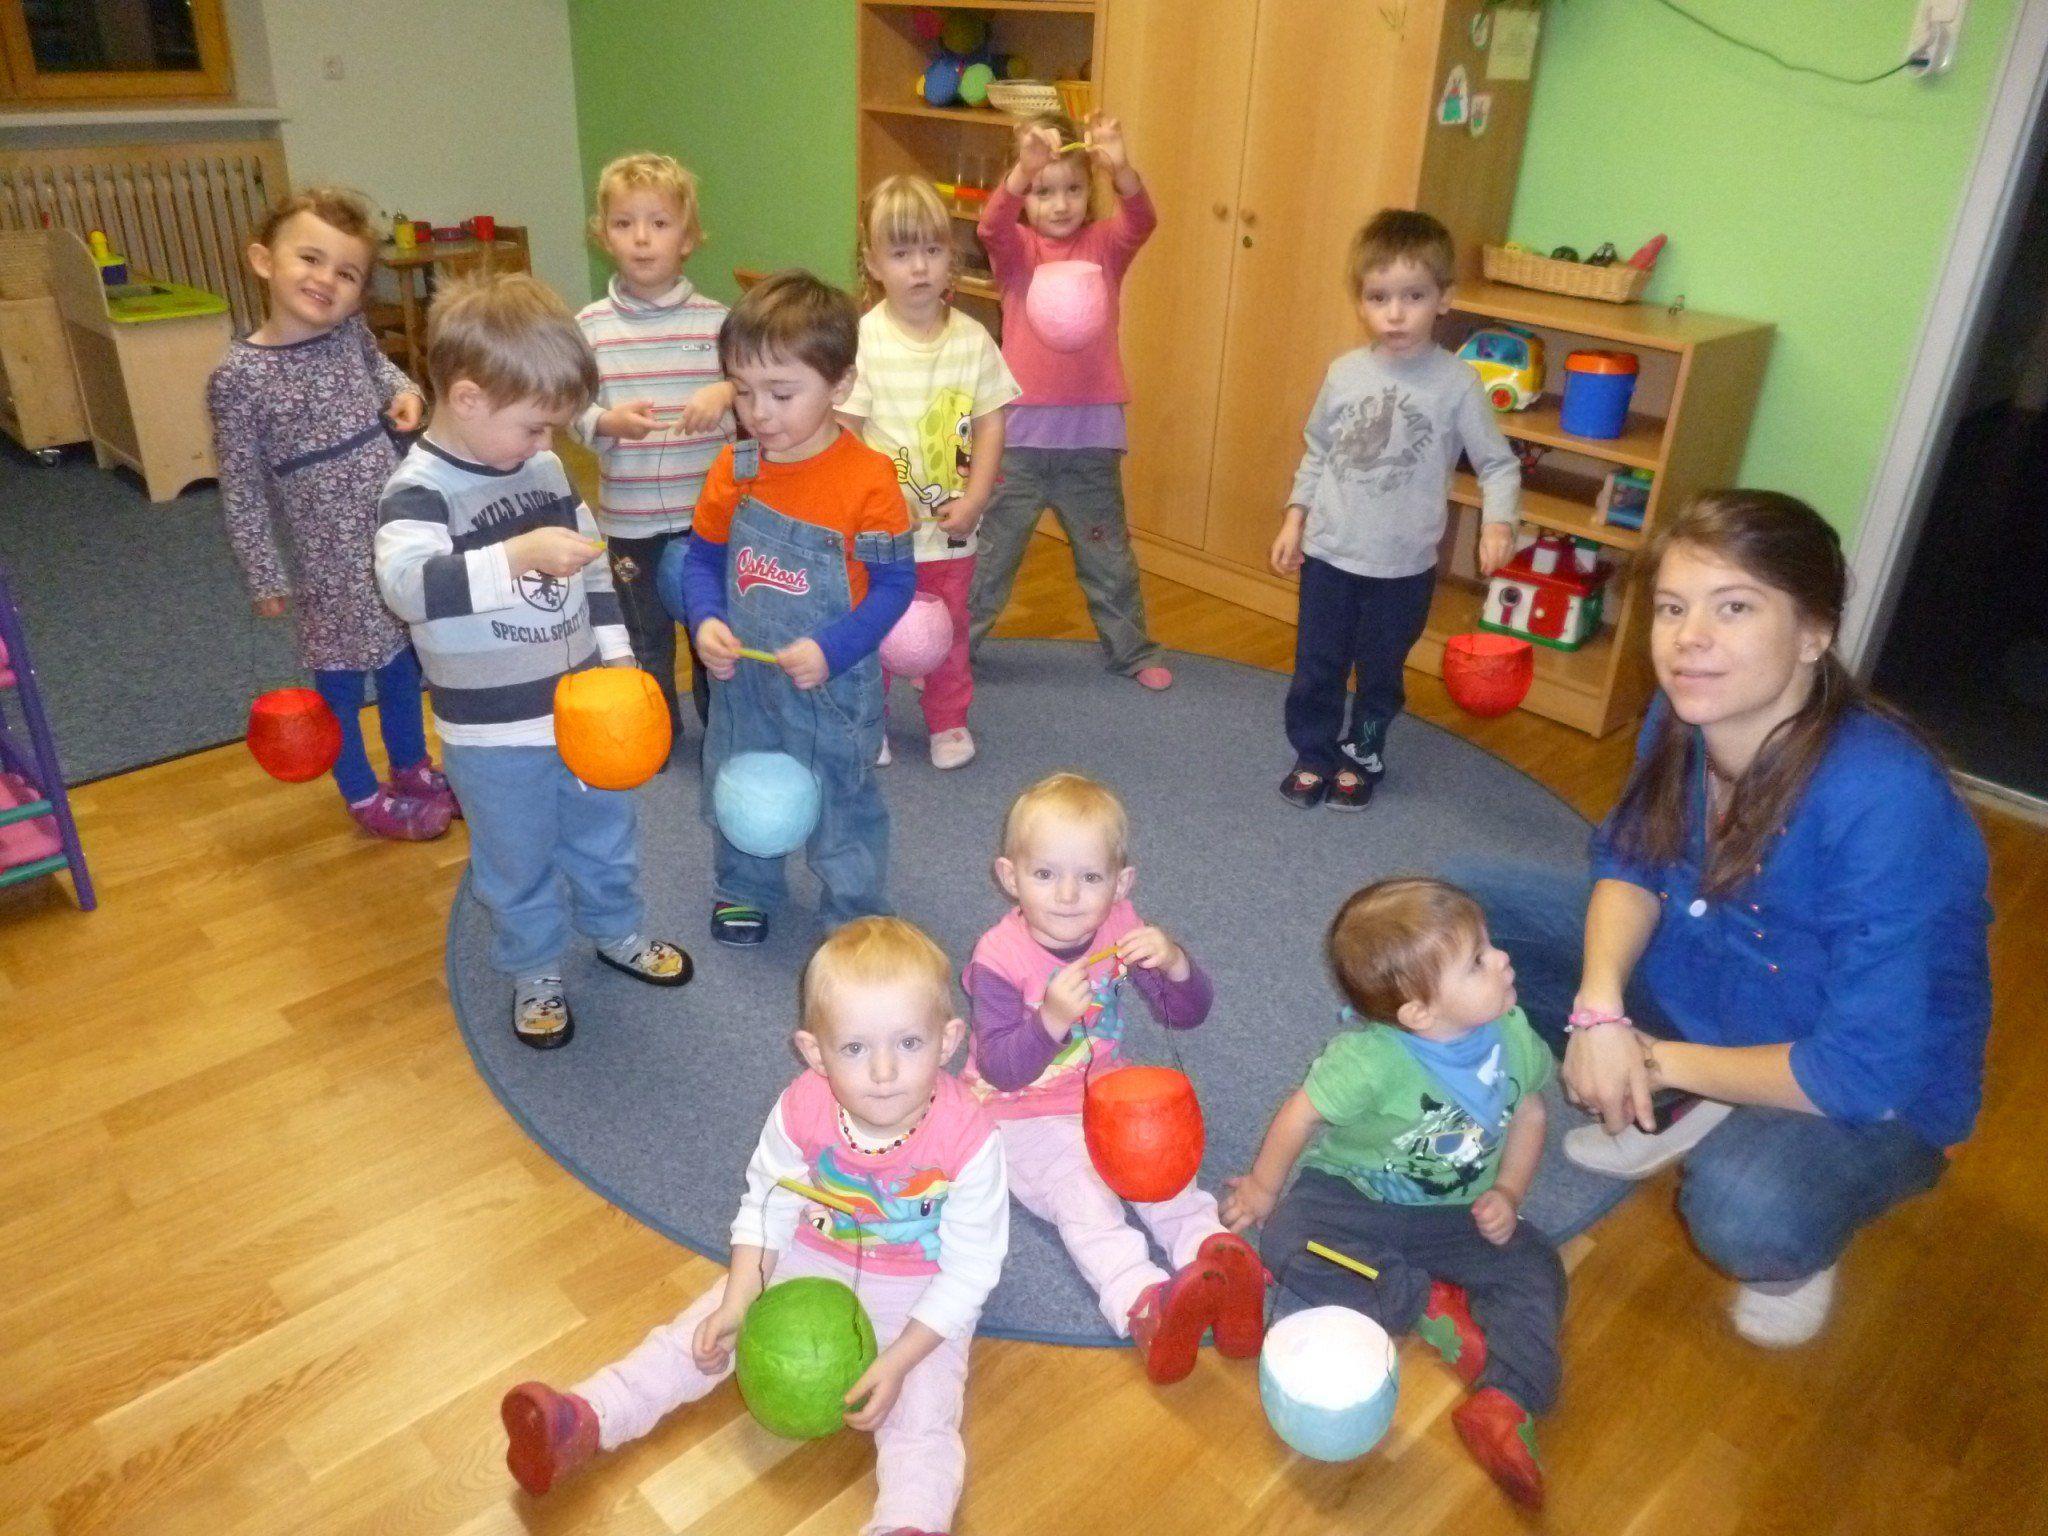 Ab sofort können Kleinkinder zwischen 1 1/2 und 3 Jahren im Kinderwerkstättli Gantschier angemeldet werden.